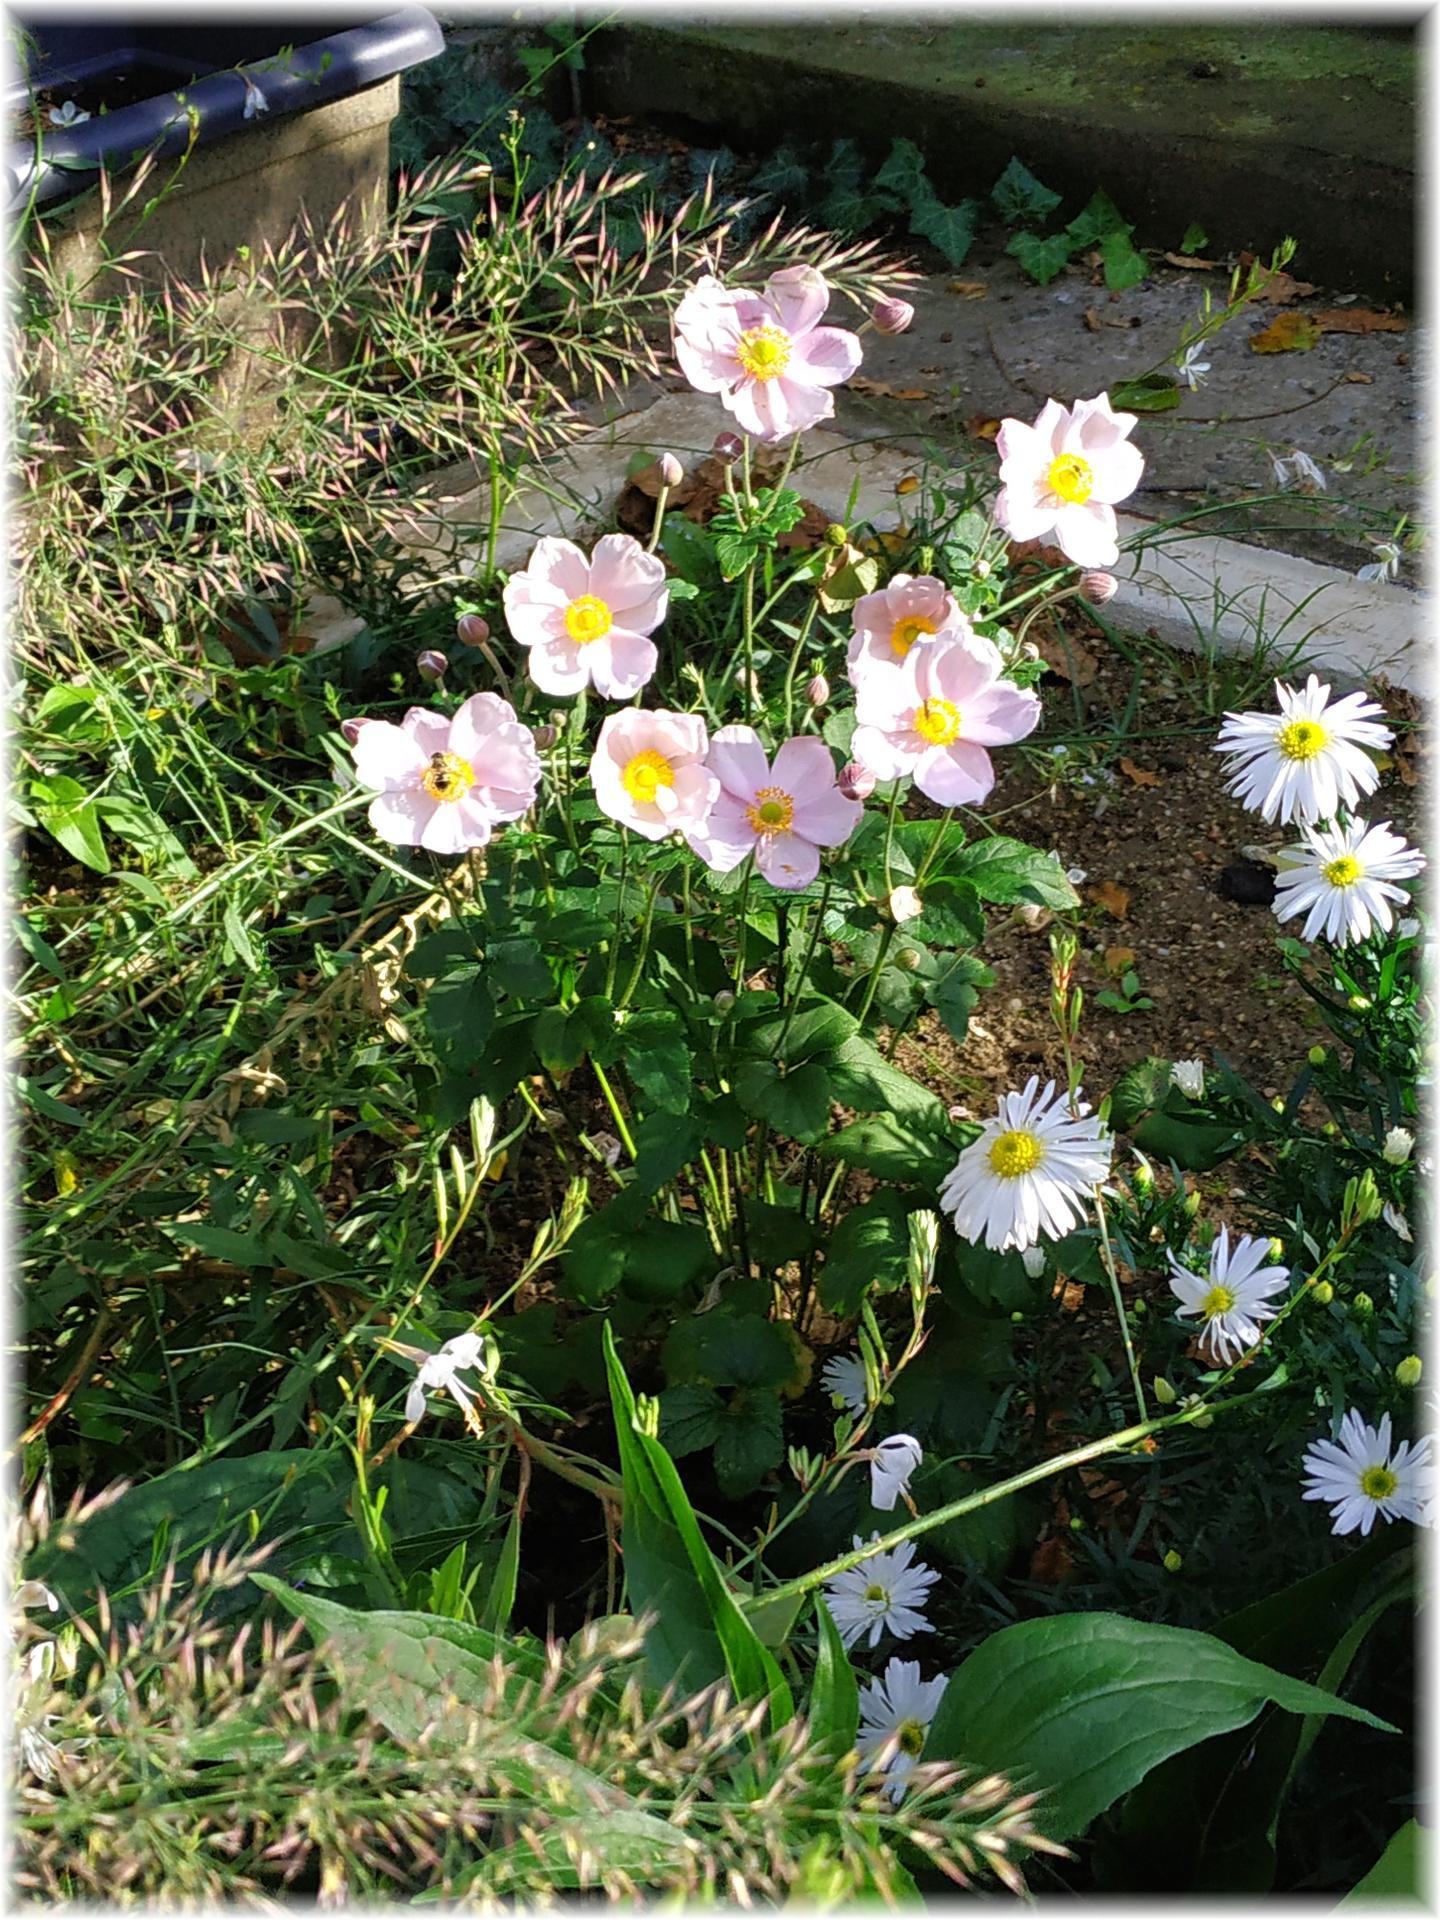 Dnes odpoledne bylo krásně, tak jsme ho strávili na zahradě. Část úrody od střechou, ale kam dáme zbytek netuším... Jablečná buchta na stole, jablečný mls a mošt v lednici, jablečná sezóna je tu :) A trvalky mi dělají pořád větší radost... - Obrázek č. 5